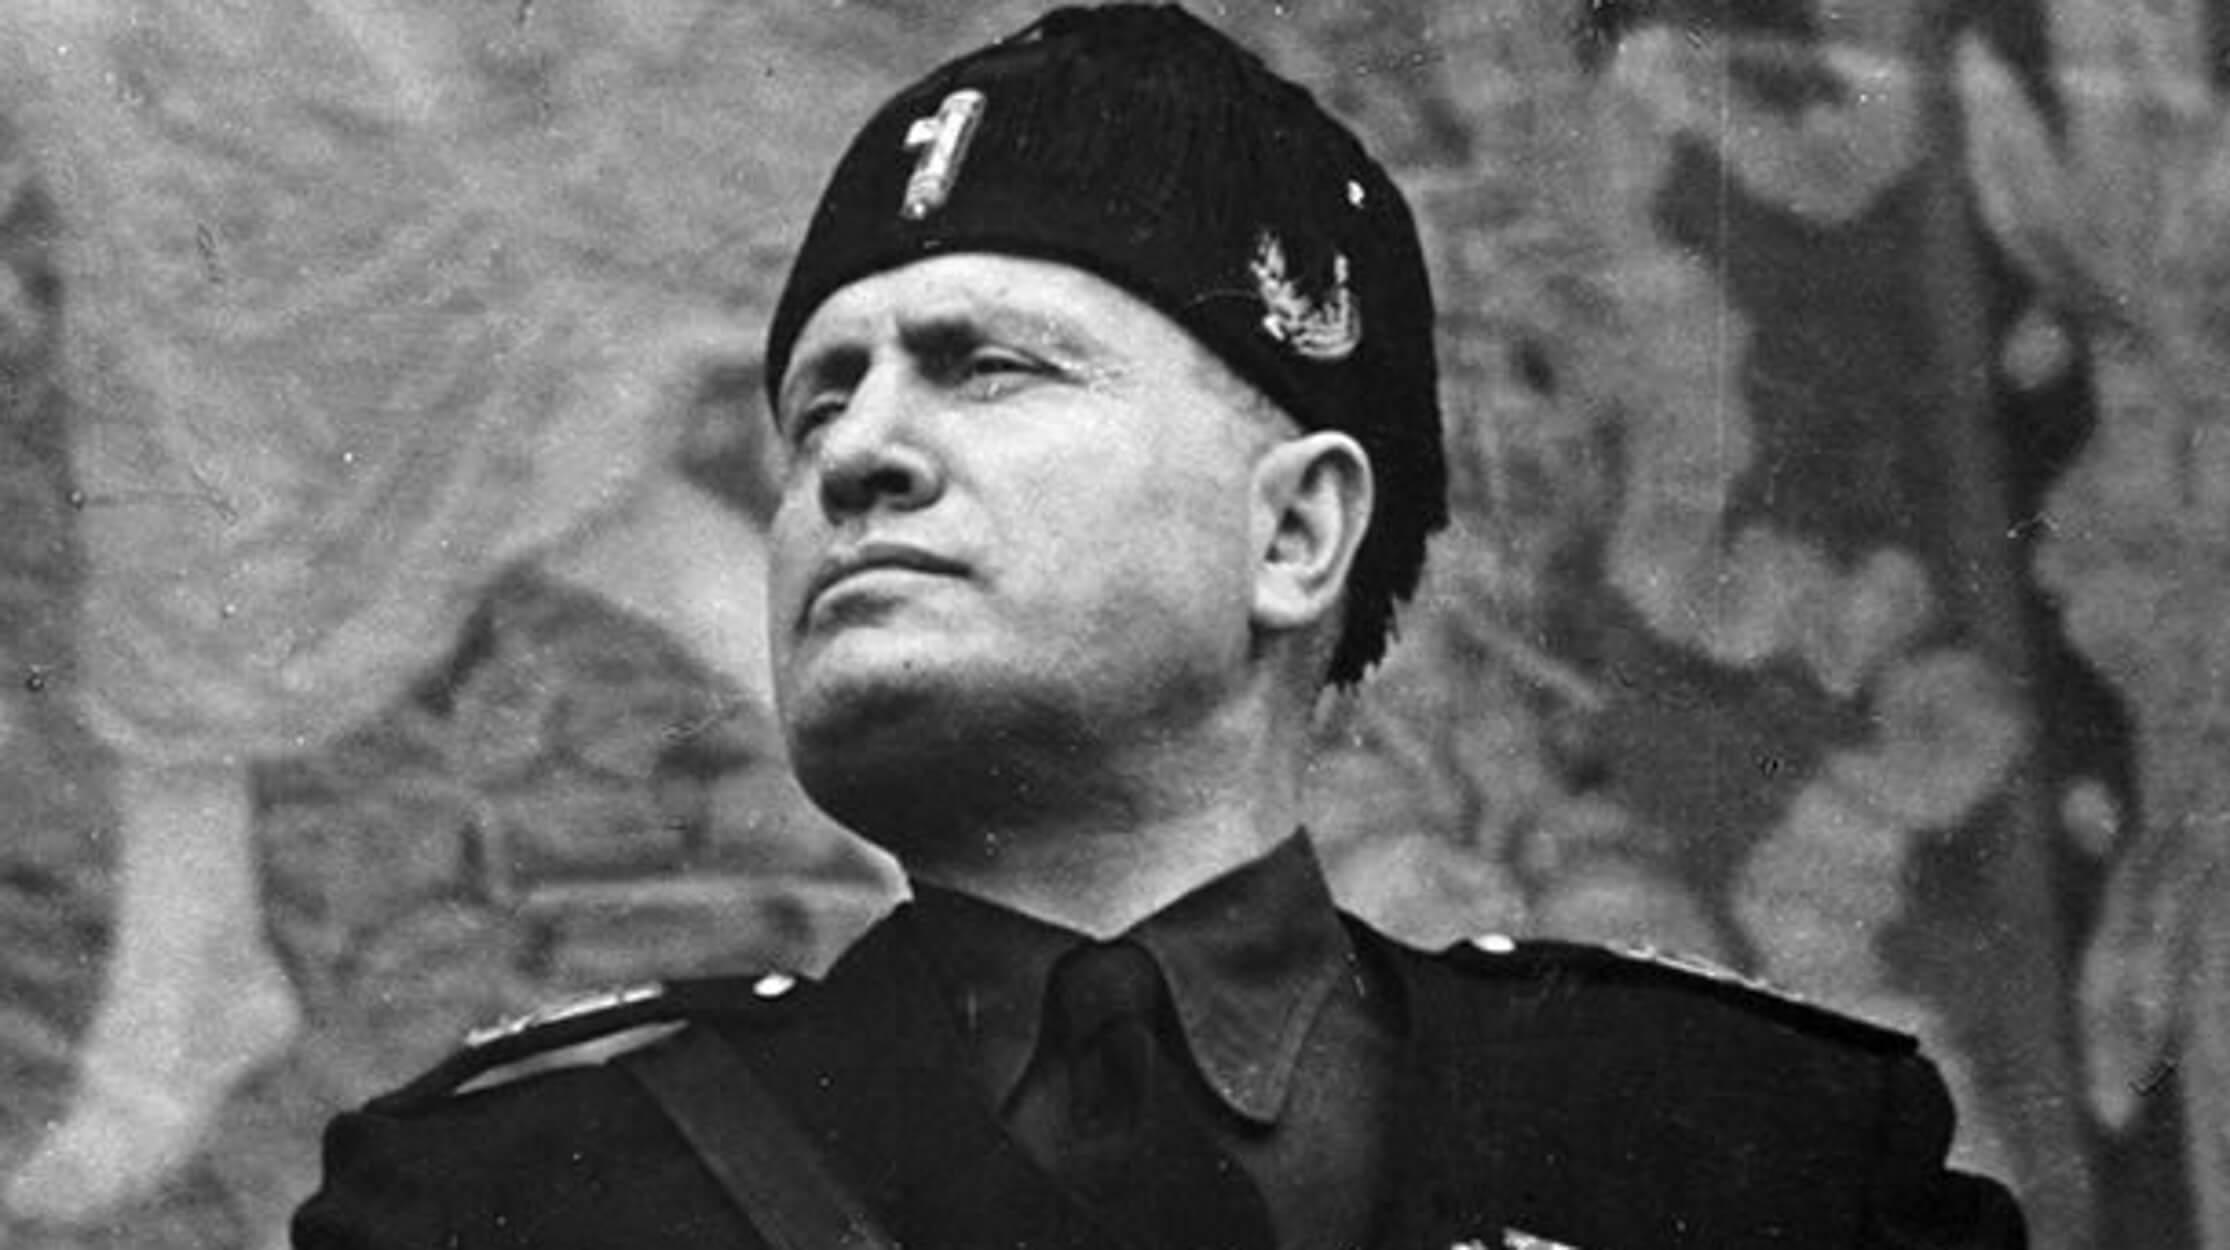 Ιταλία: 95 χρόνια μετά αφαίρεσαν τιμητικό τίτλο από τον Μπενίτο Μουσολίνι!